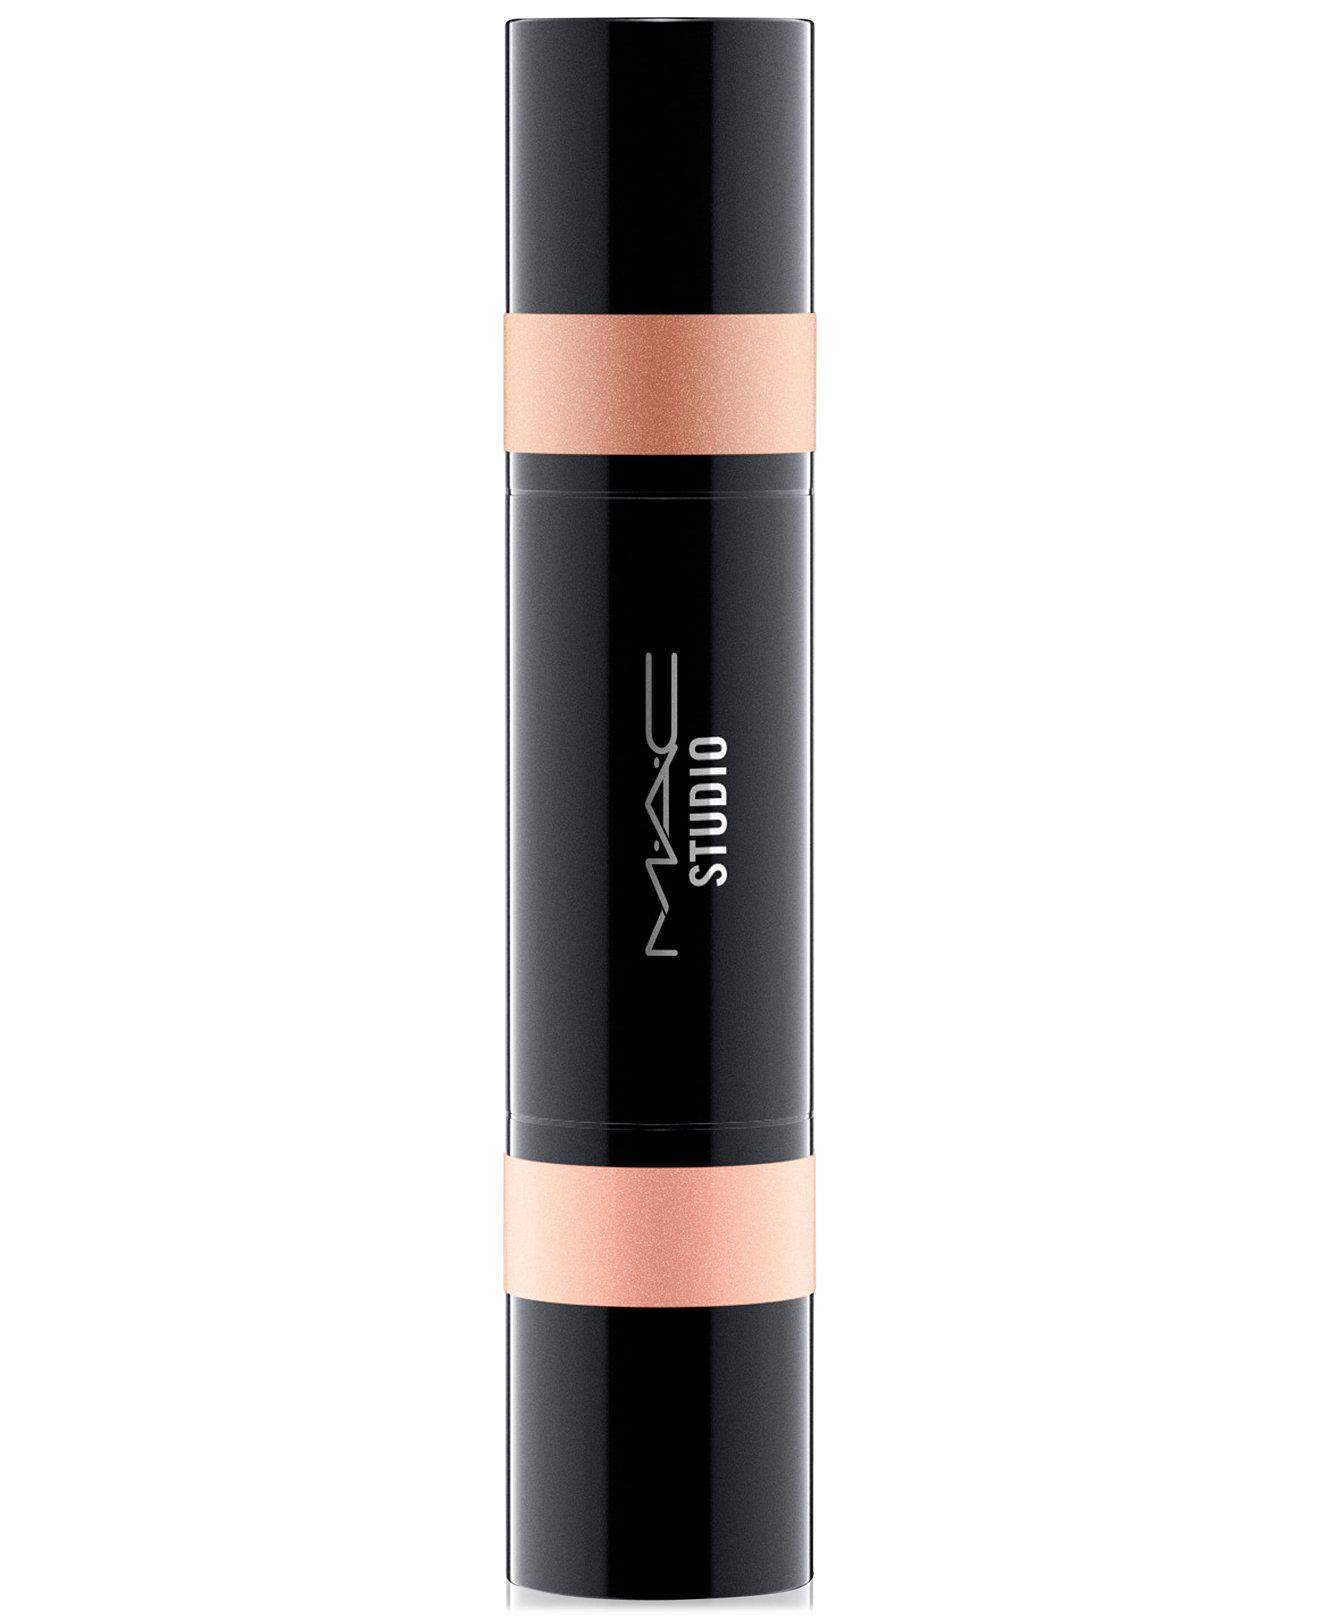 Mac Quiktrik Stick .42oz/12g New In Box